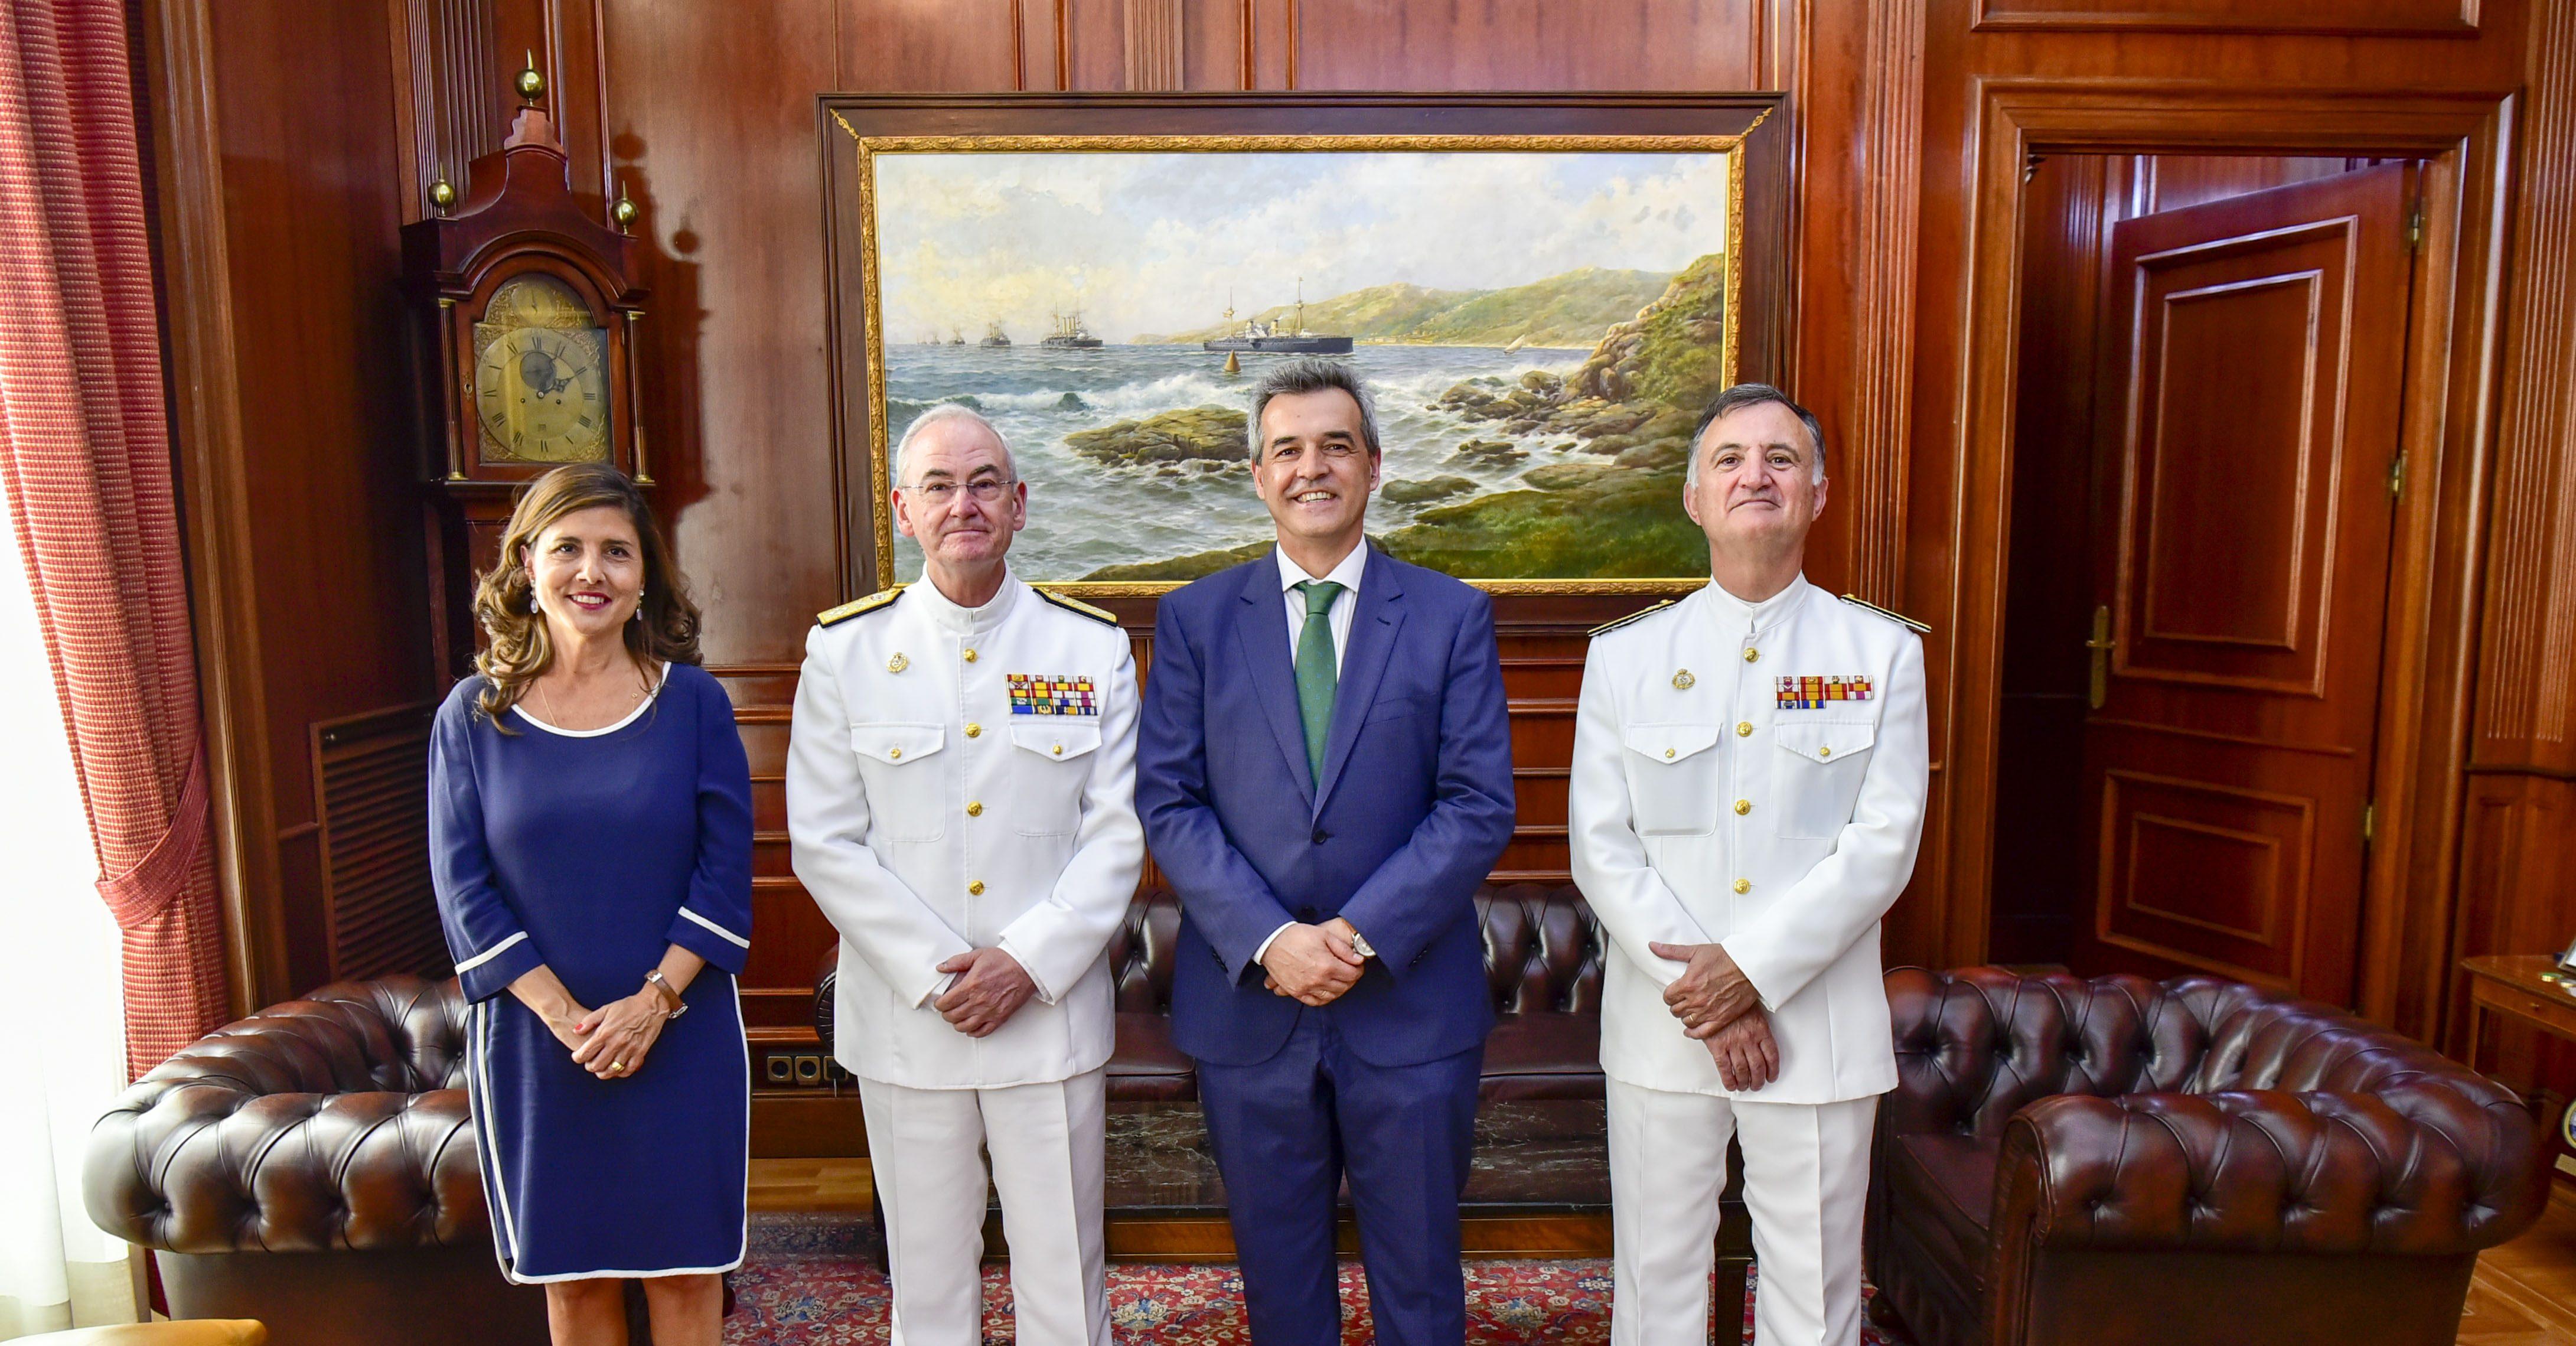 Convenio entre la Armada y el CEU para dar a conocer la hispanidad de la Primera Vuelta al Mundo